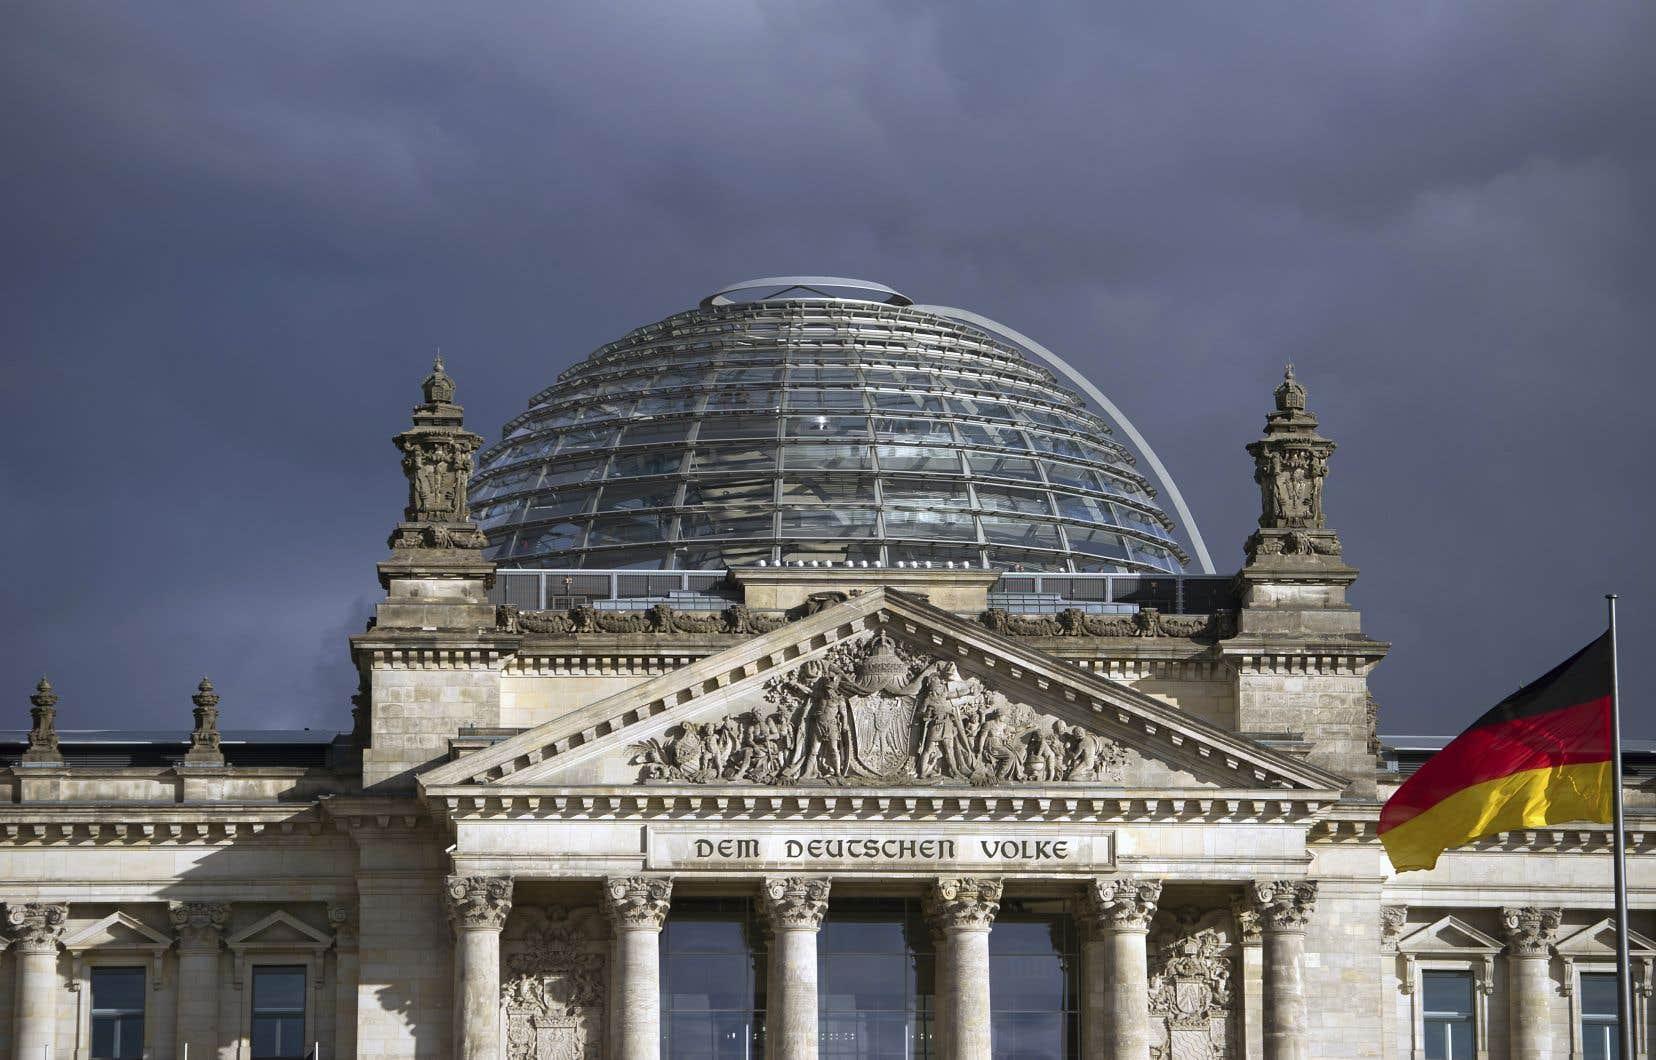 L'Allemagne se rapproche pour la première fois en neuf ans d'une récession, à savoir deux trimestres consécutifs de baisse du PIB. Sur la photo, le palais du Reichstag, siège du parlement allemand, à Berlin.